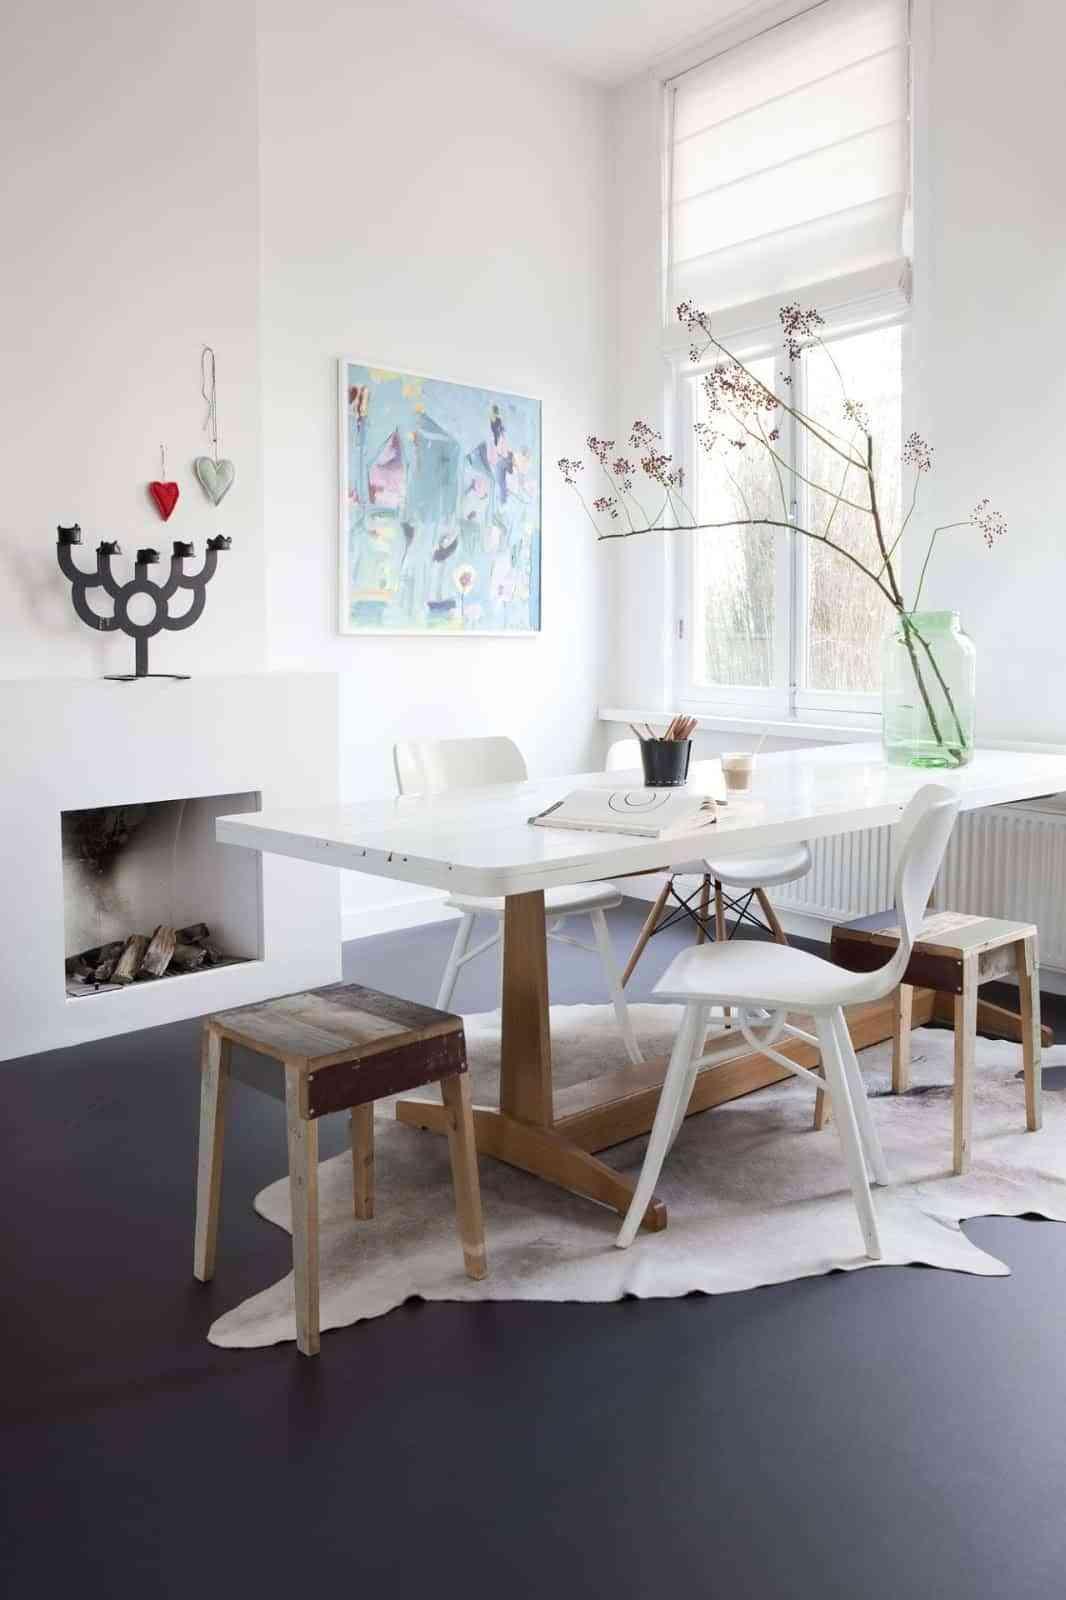 Linoleum floors in dining rooms